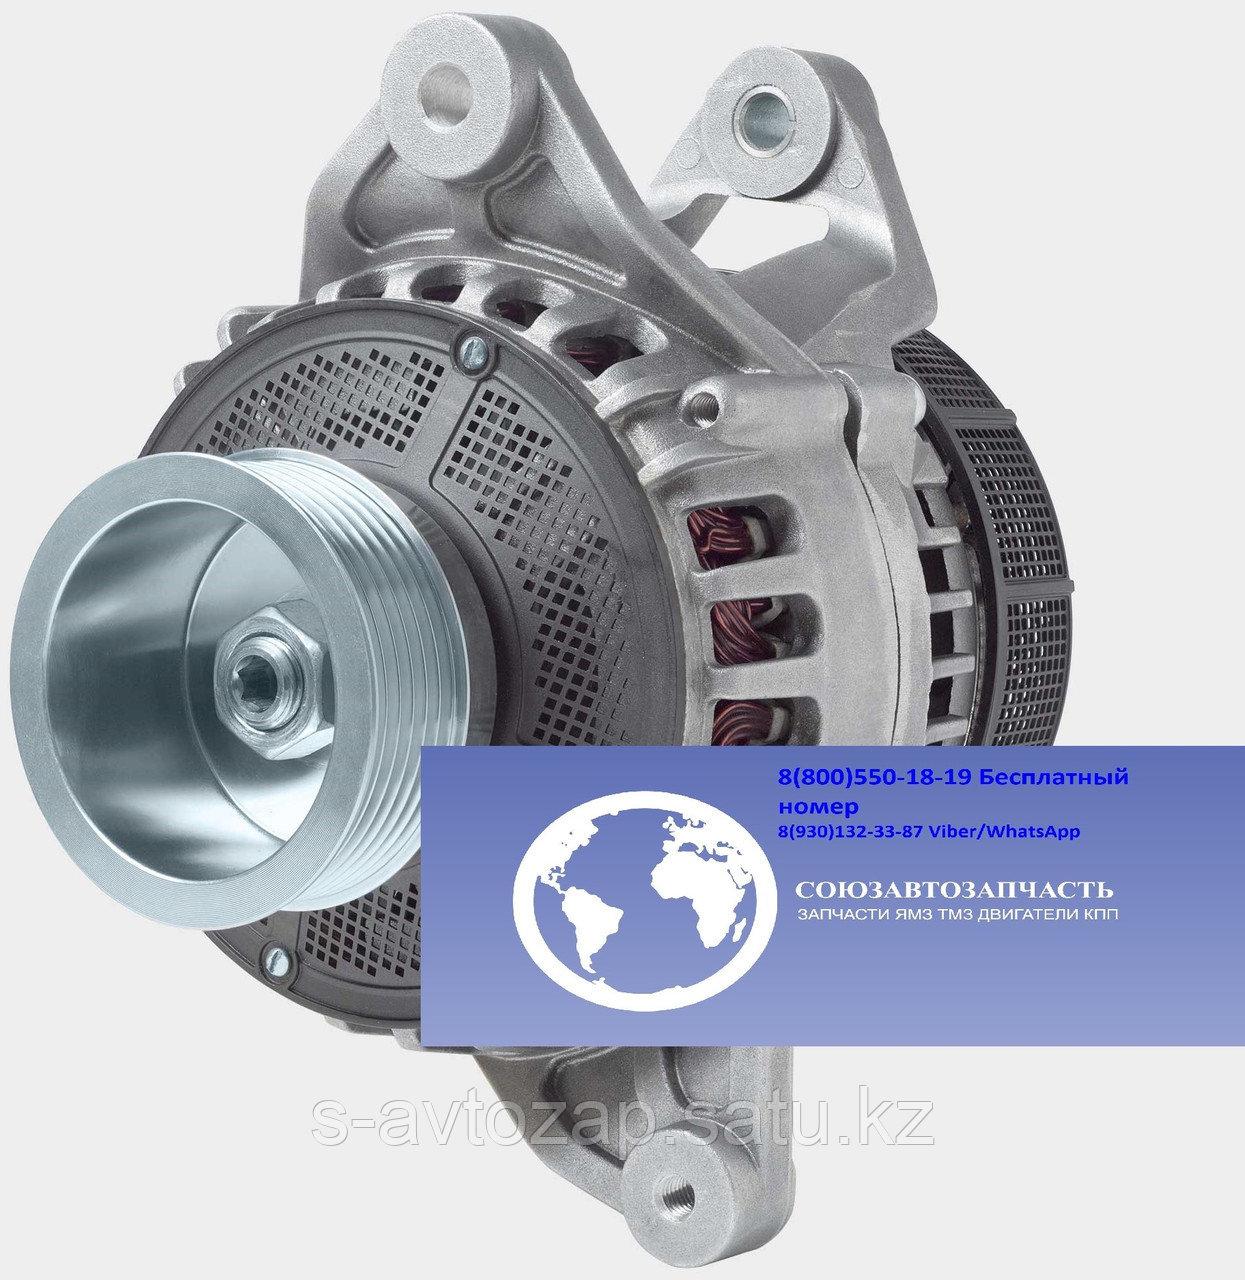 Генератор (аналог г4007-96) для двигателя ЯМЗ 3152-3771-10